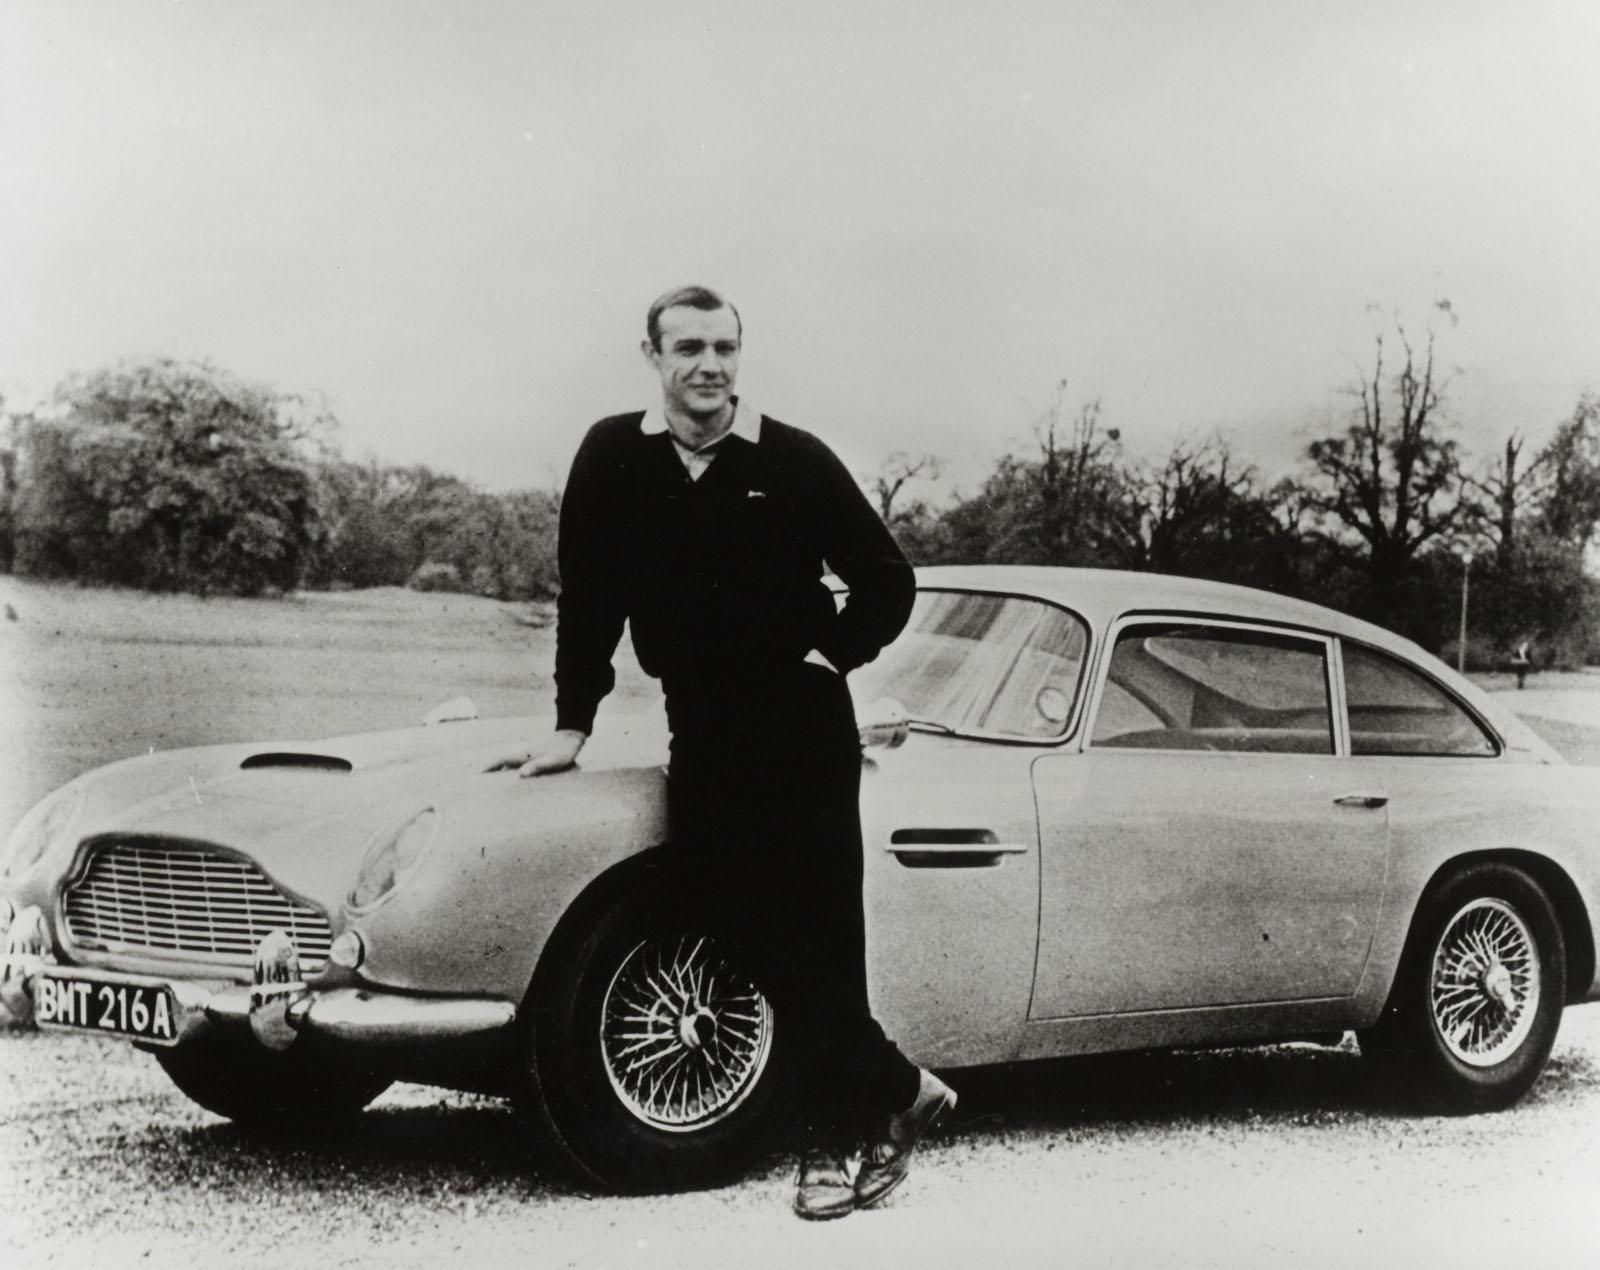 aston martin: ist das der neue dienstwagen für james bond? | auto